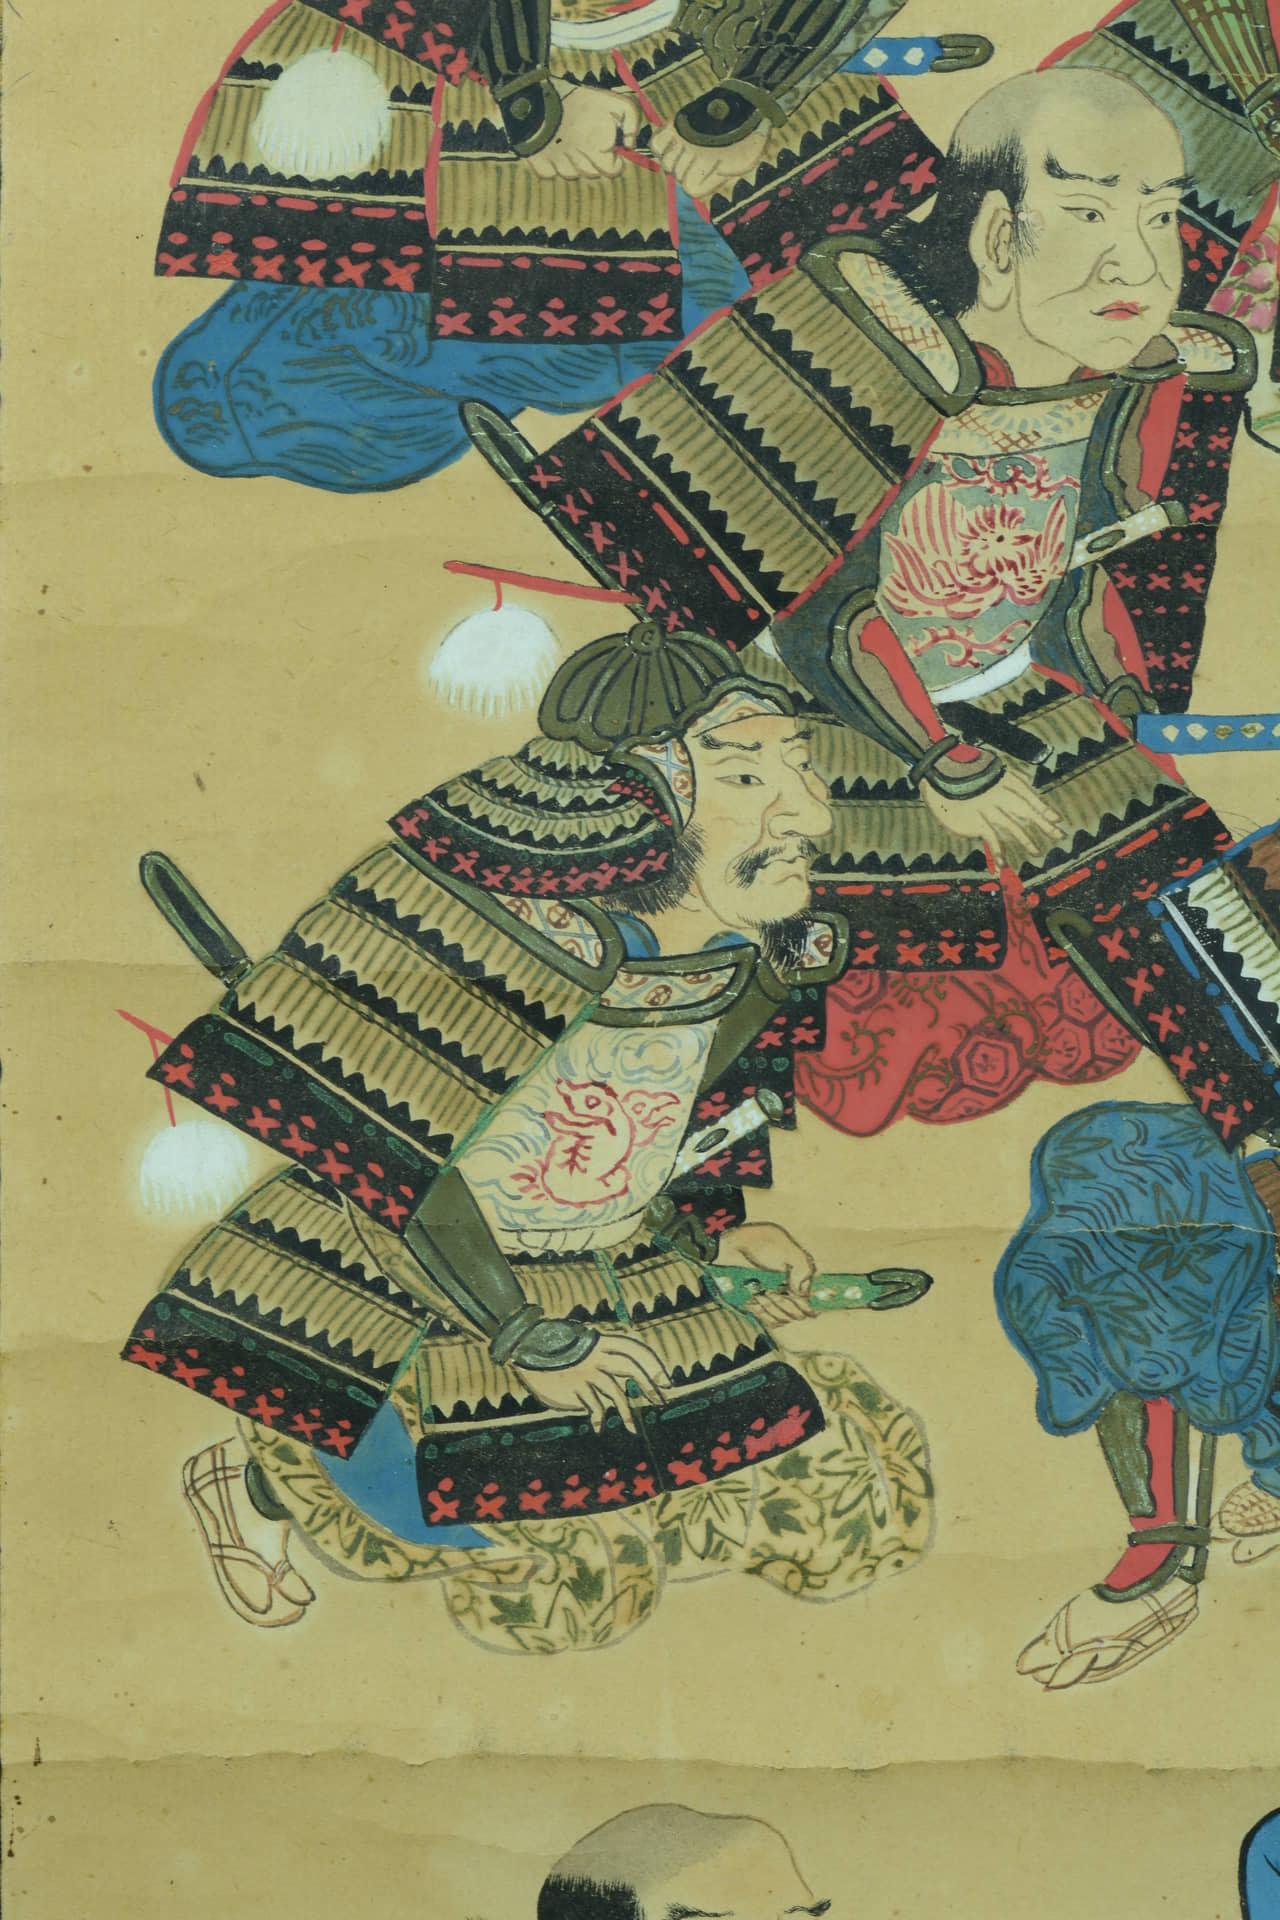 末代まで裏切り者の汚名を着た二十四将の一人・小山田左衛門尉信茂(おやまだざえもんじょうのぶしげ)